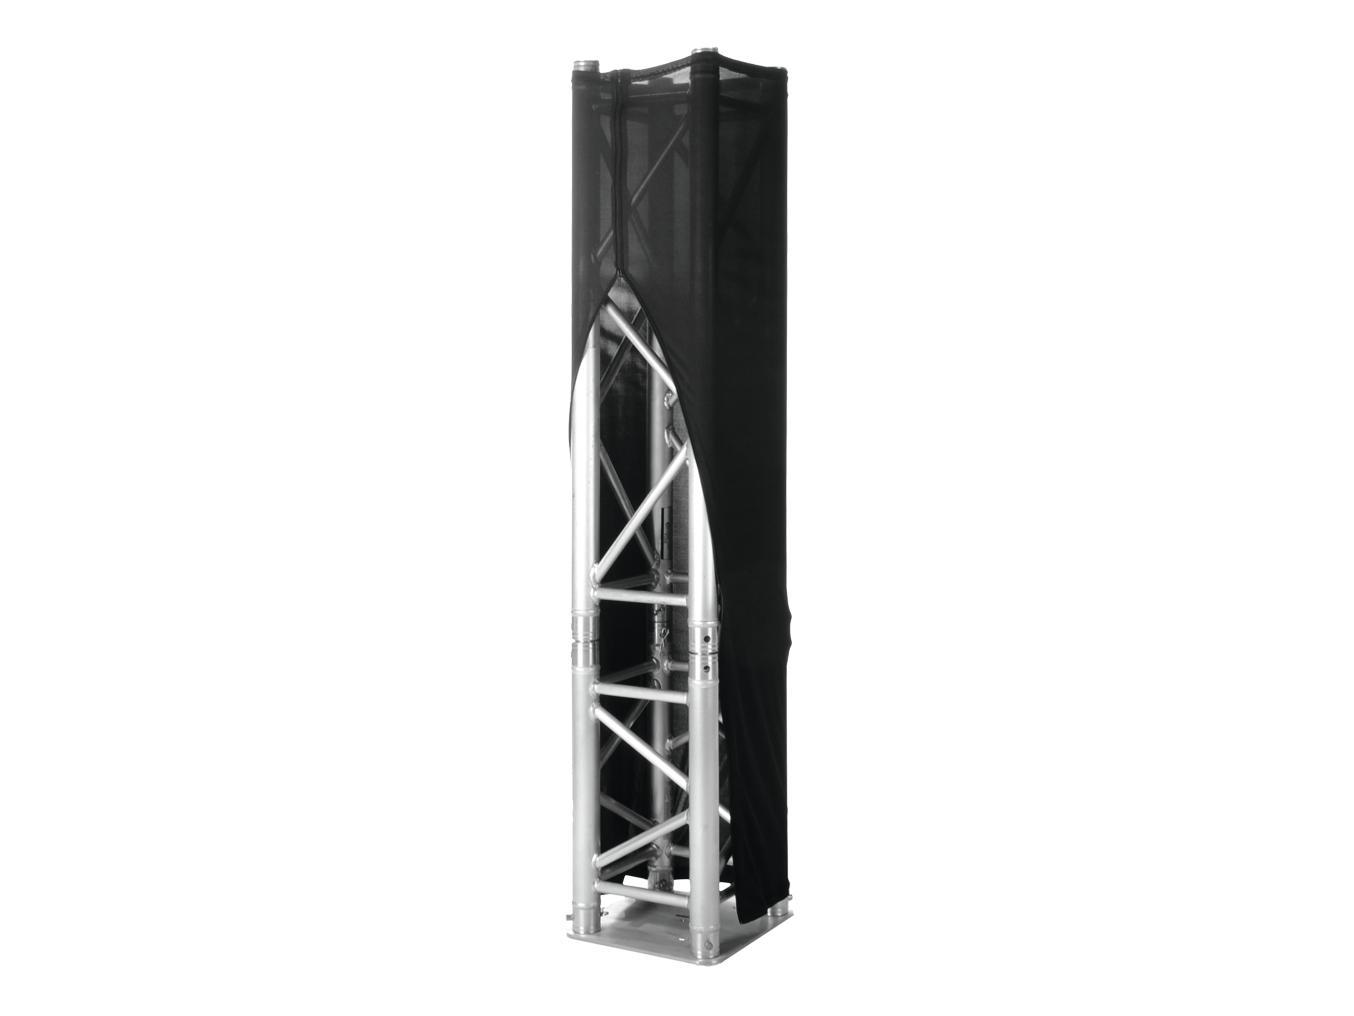 ESPANDERE XPTC30RVS Capriata di copertura 300cm nero